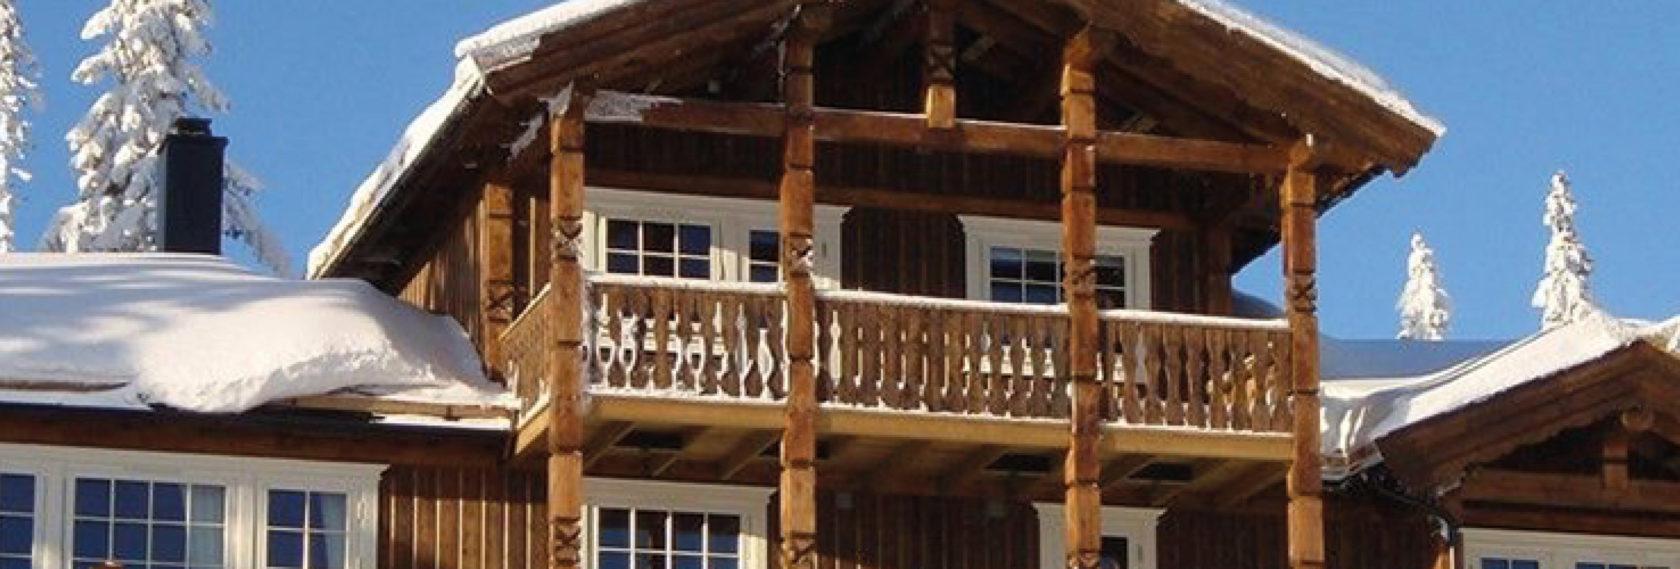 Ugla 951 - hytteutleie i Trysil - stor hytte